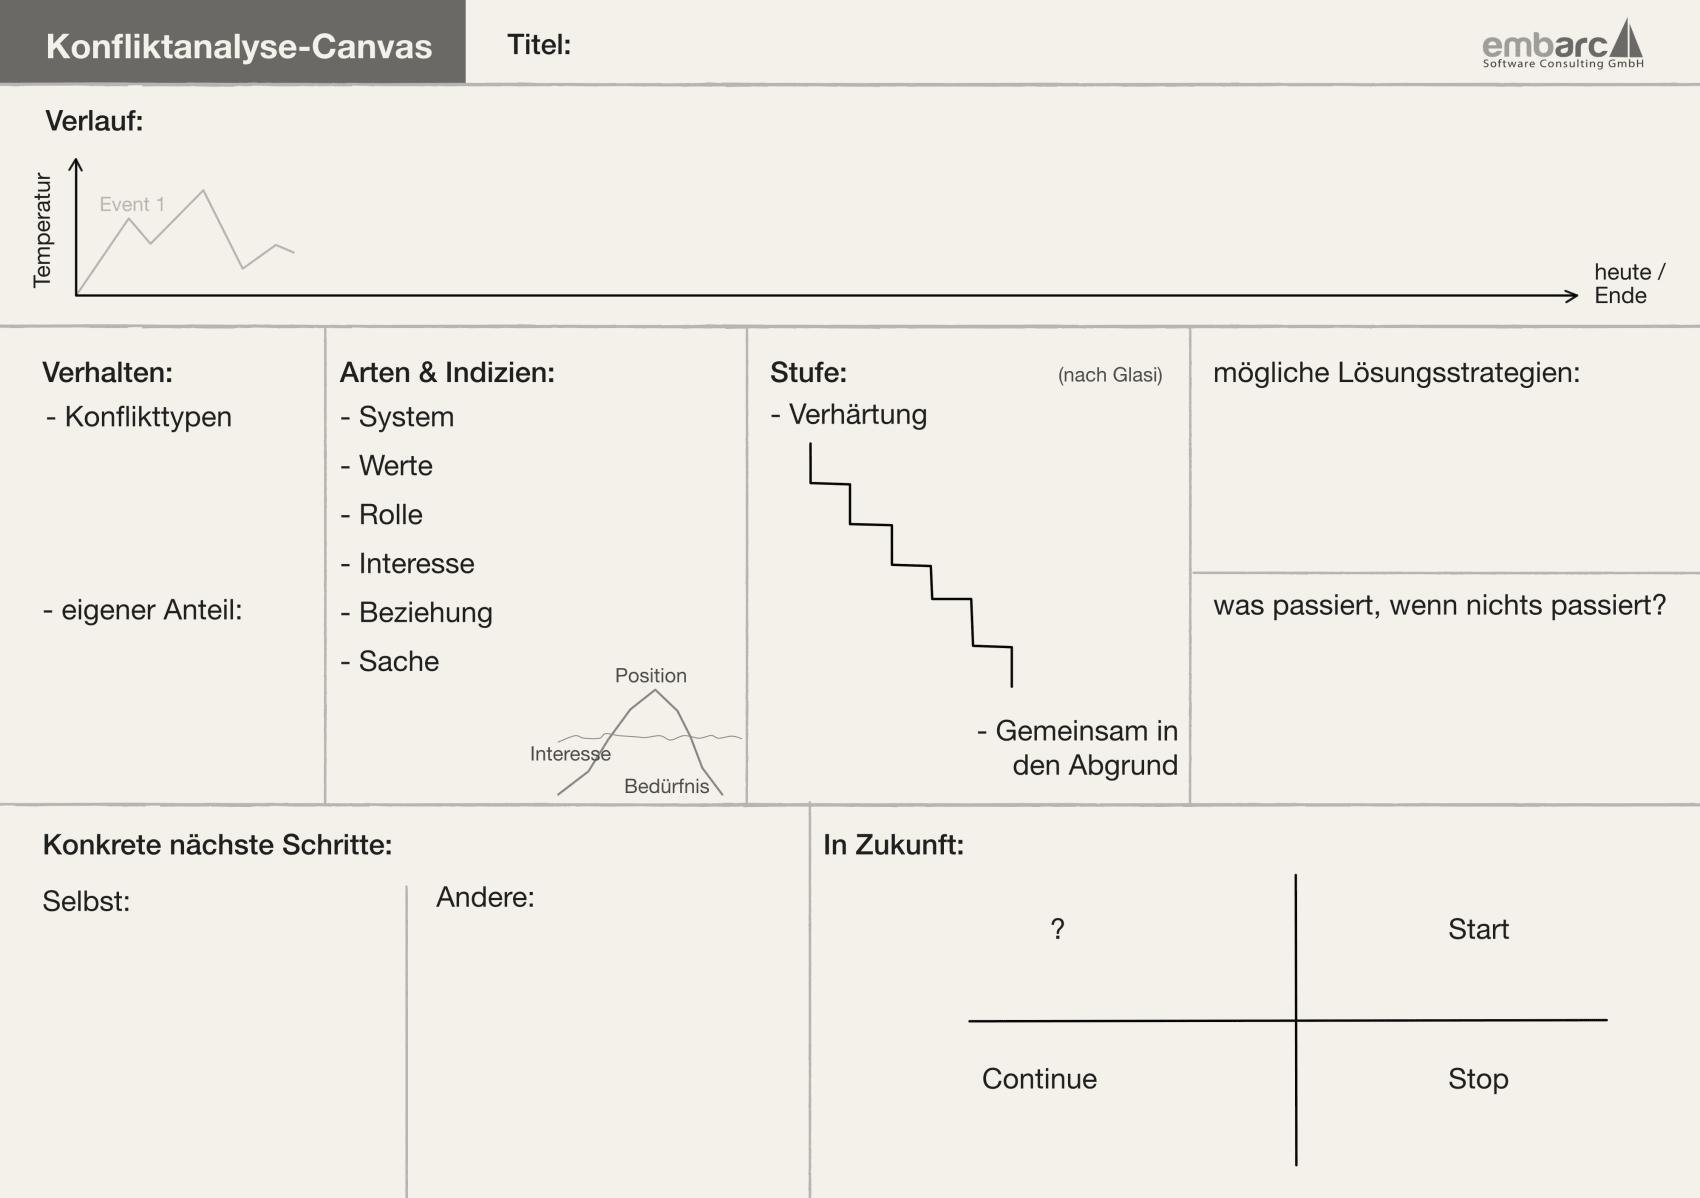 Konfliktanalyse-Canvas, Soft Skills für Softwarearchitekten